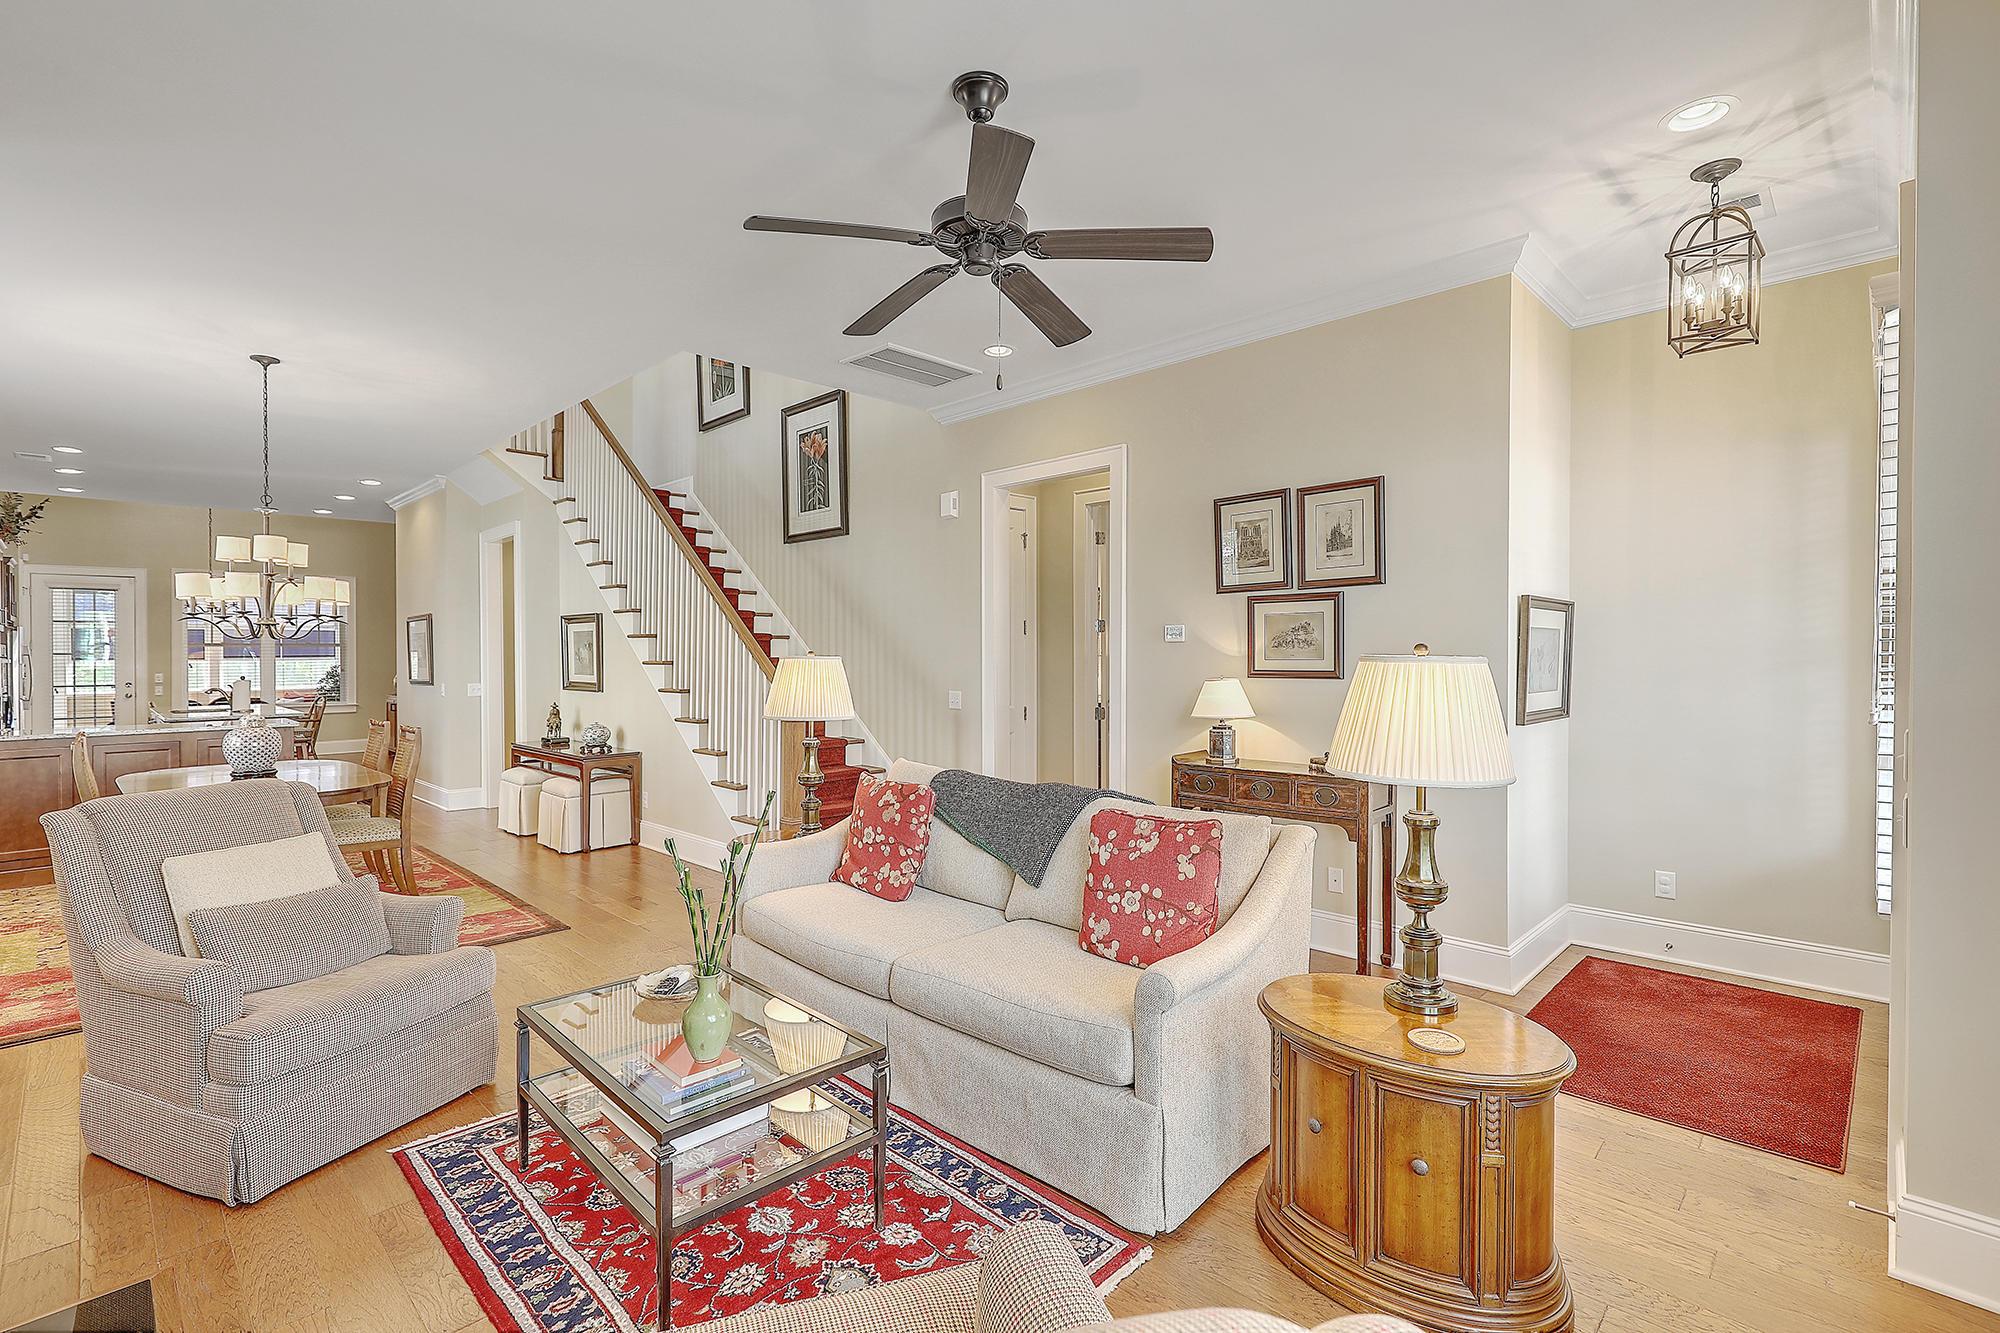 Dunes West Homes For Sale - 3171 Sturbridge, Mount Pleasant, SC - 3